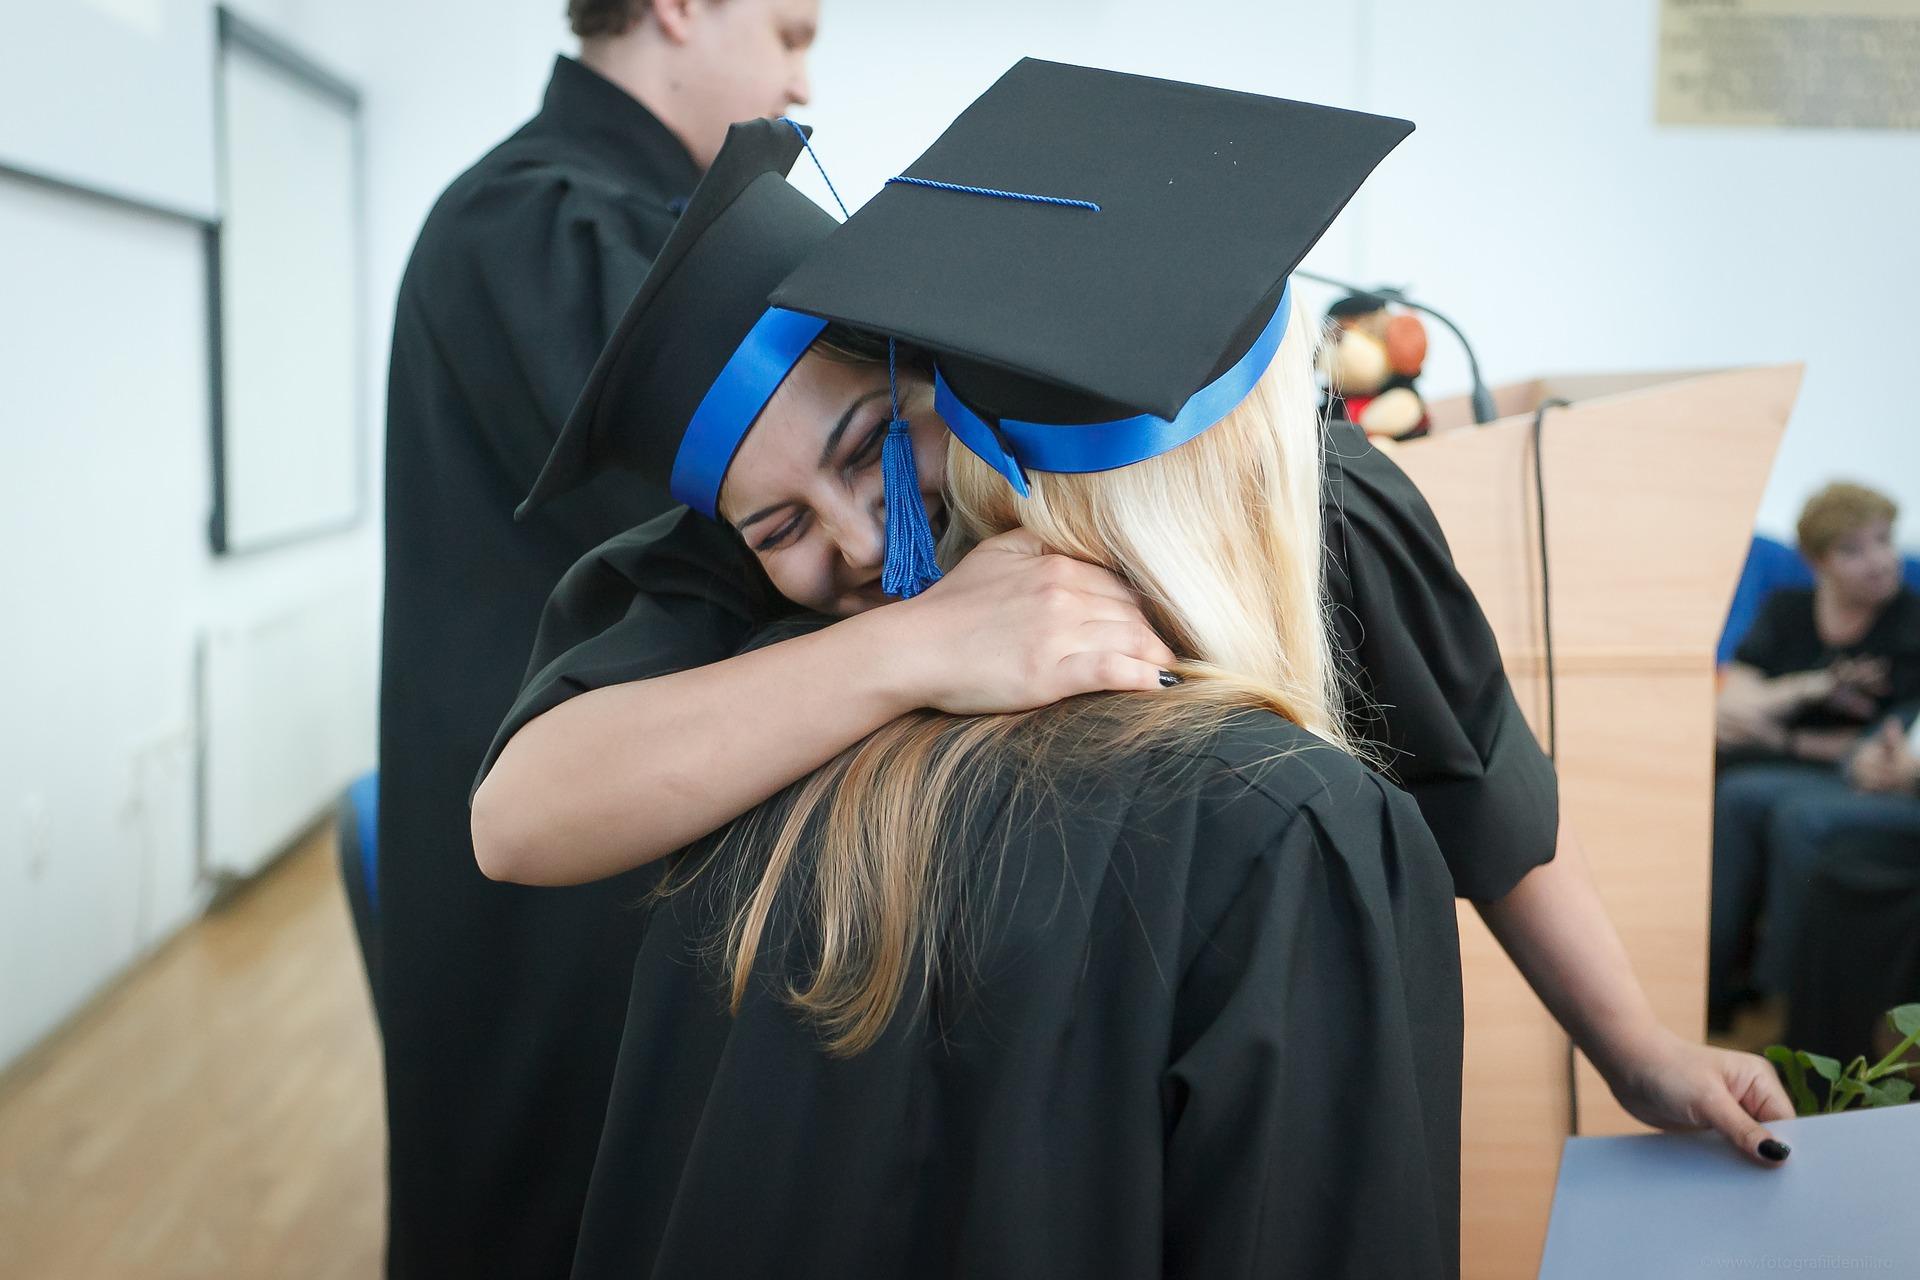 viva seguro sempre | Seguro Educacional: Quais as Principais Coberturas?